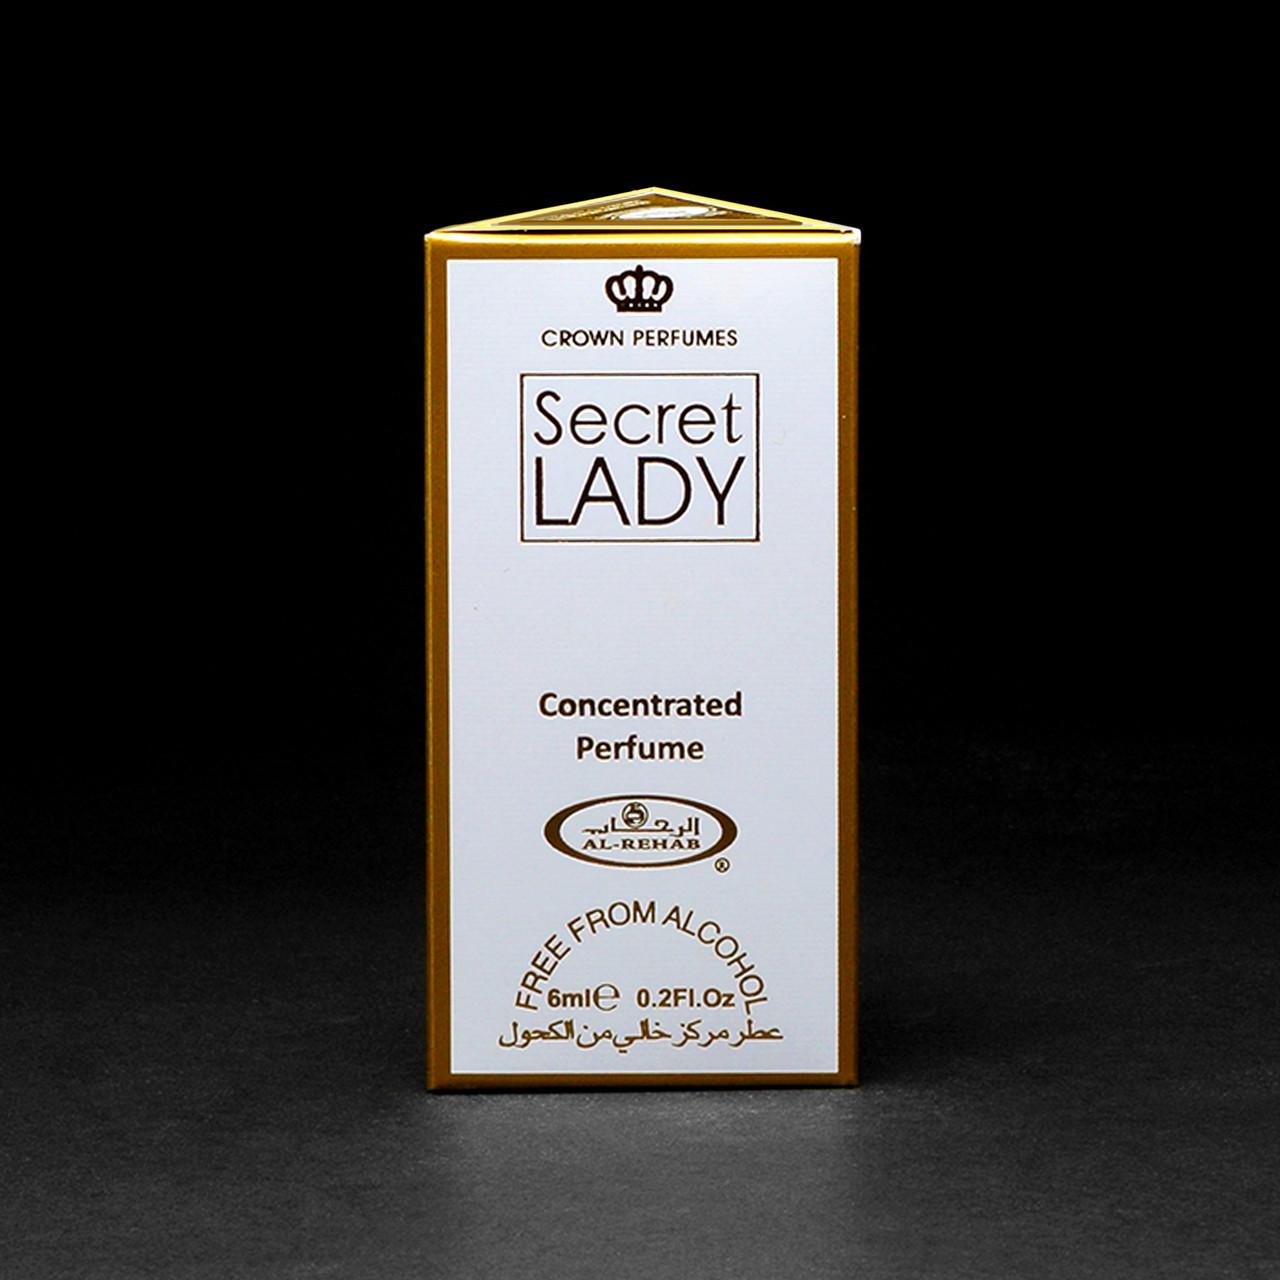 Масляні духи SECRET LADY від Al Rehab (Леді Таємниця від Аль-Рехаб). Ванільно-квітково-східний аромат!